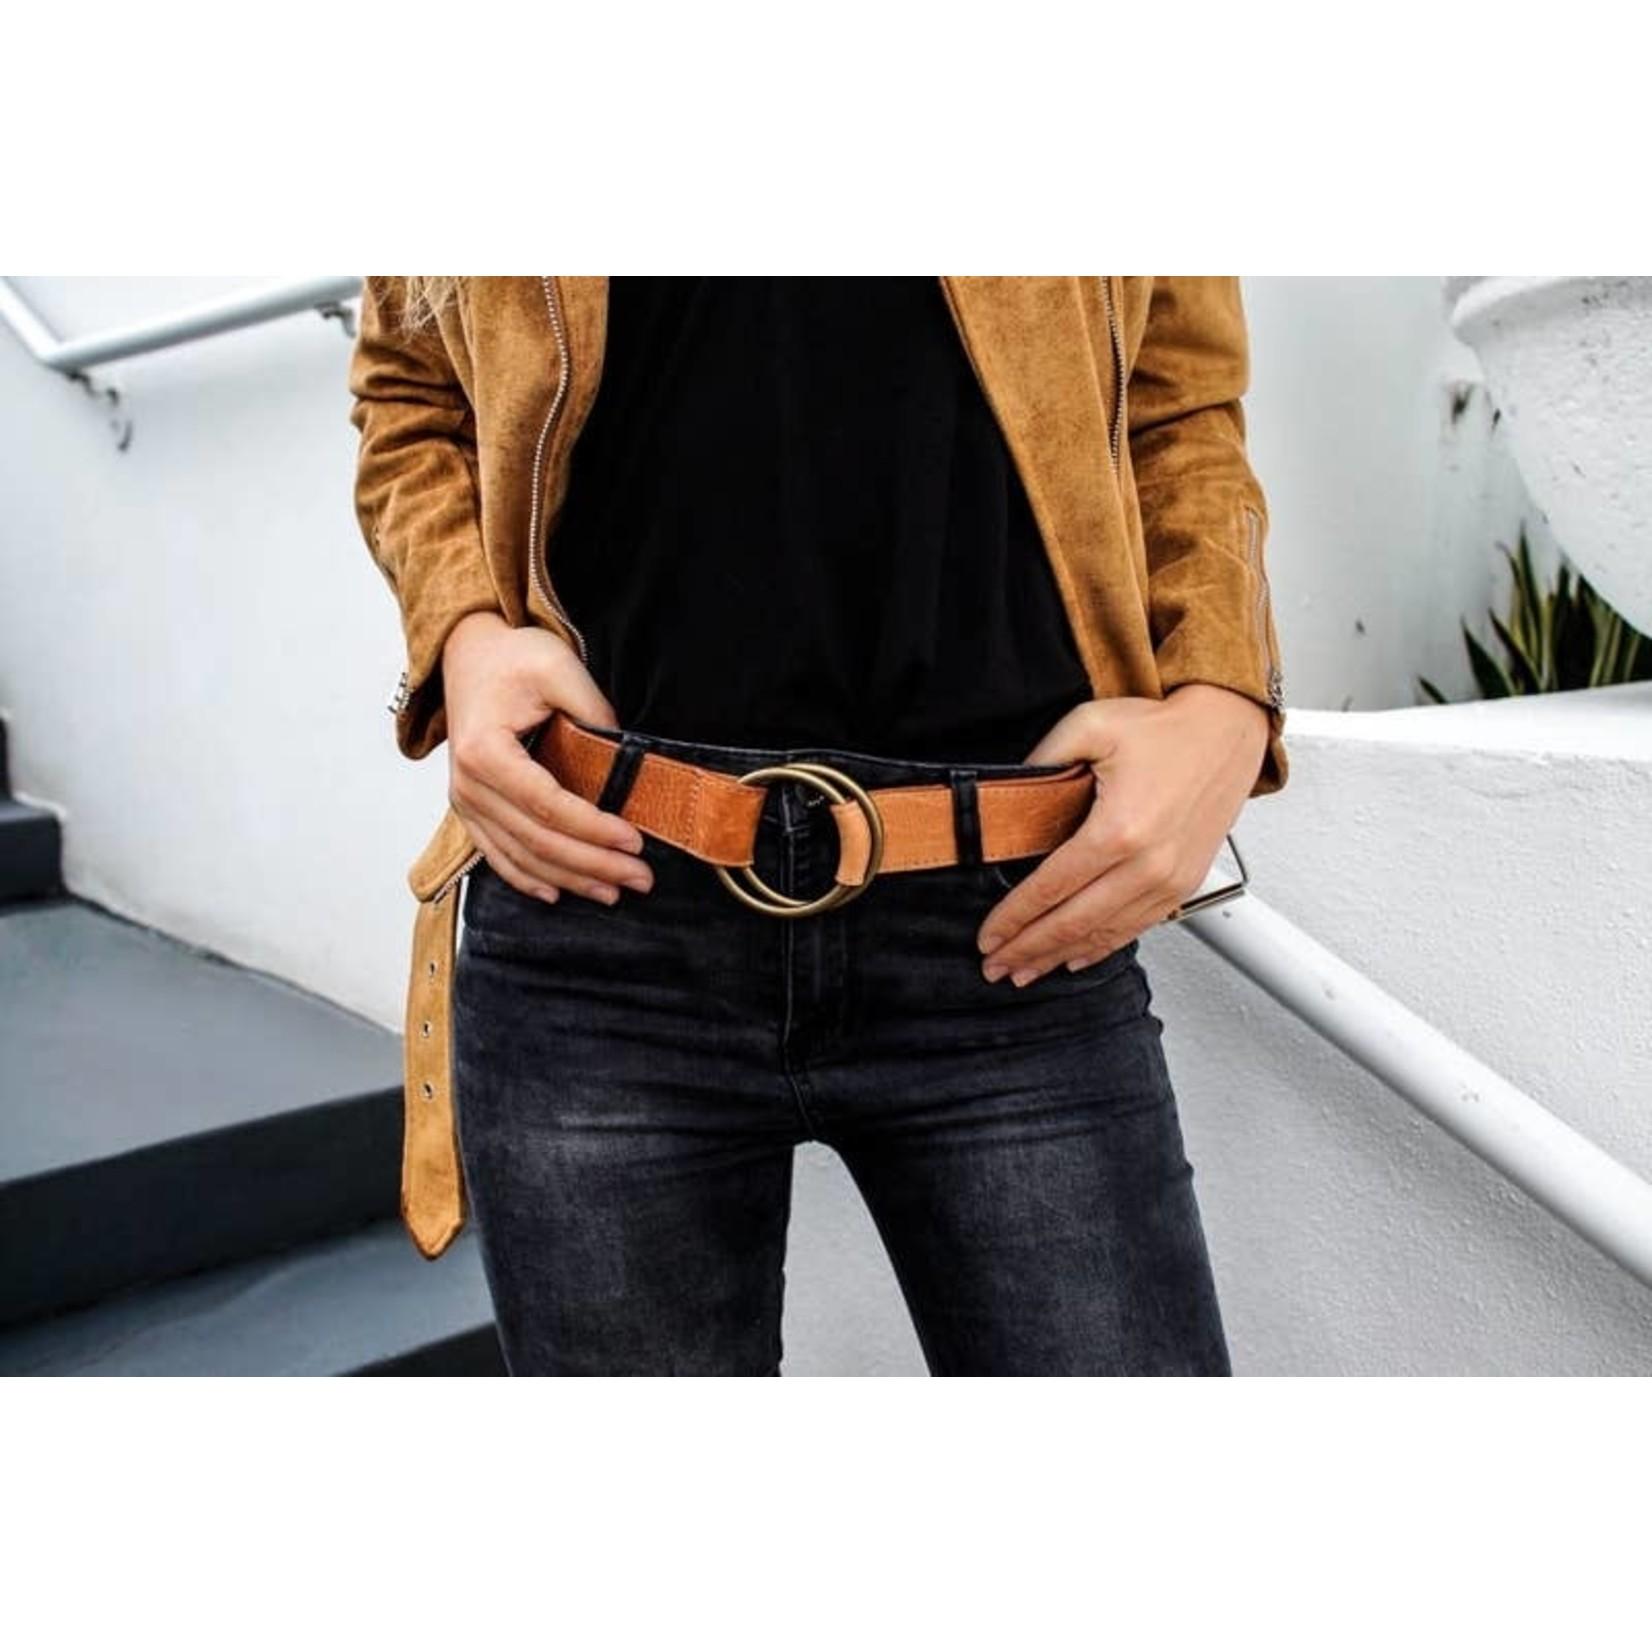 ADA Josie Double Ring Leather Belt in Cognac